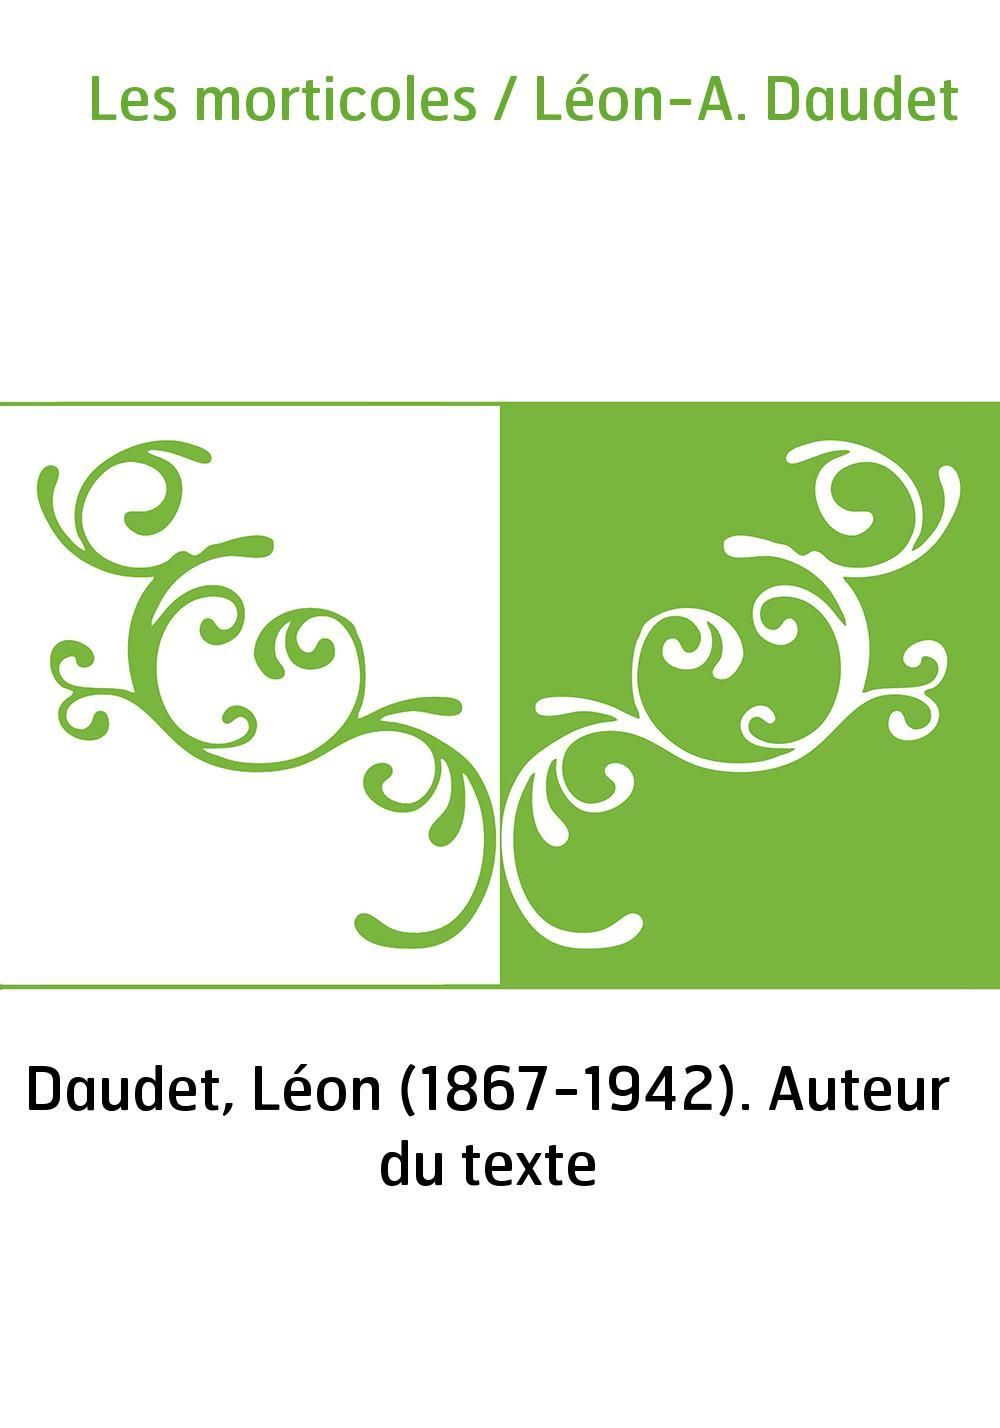 Les morticoles / Léon-A. Daudet